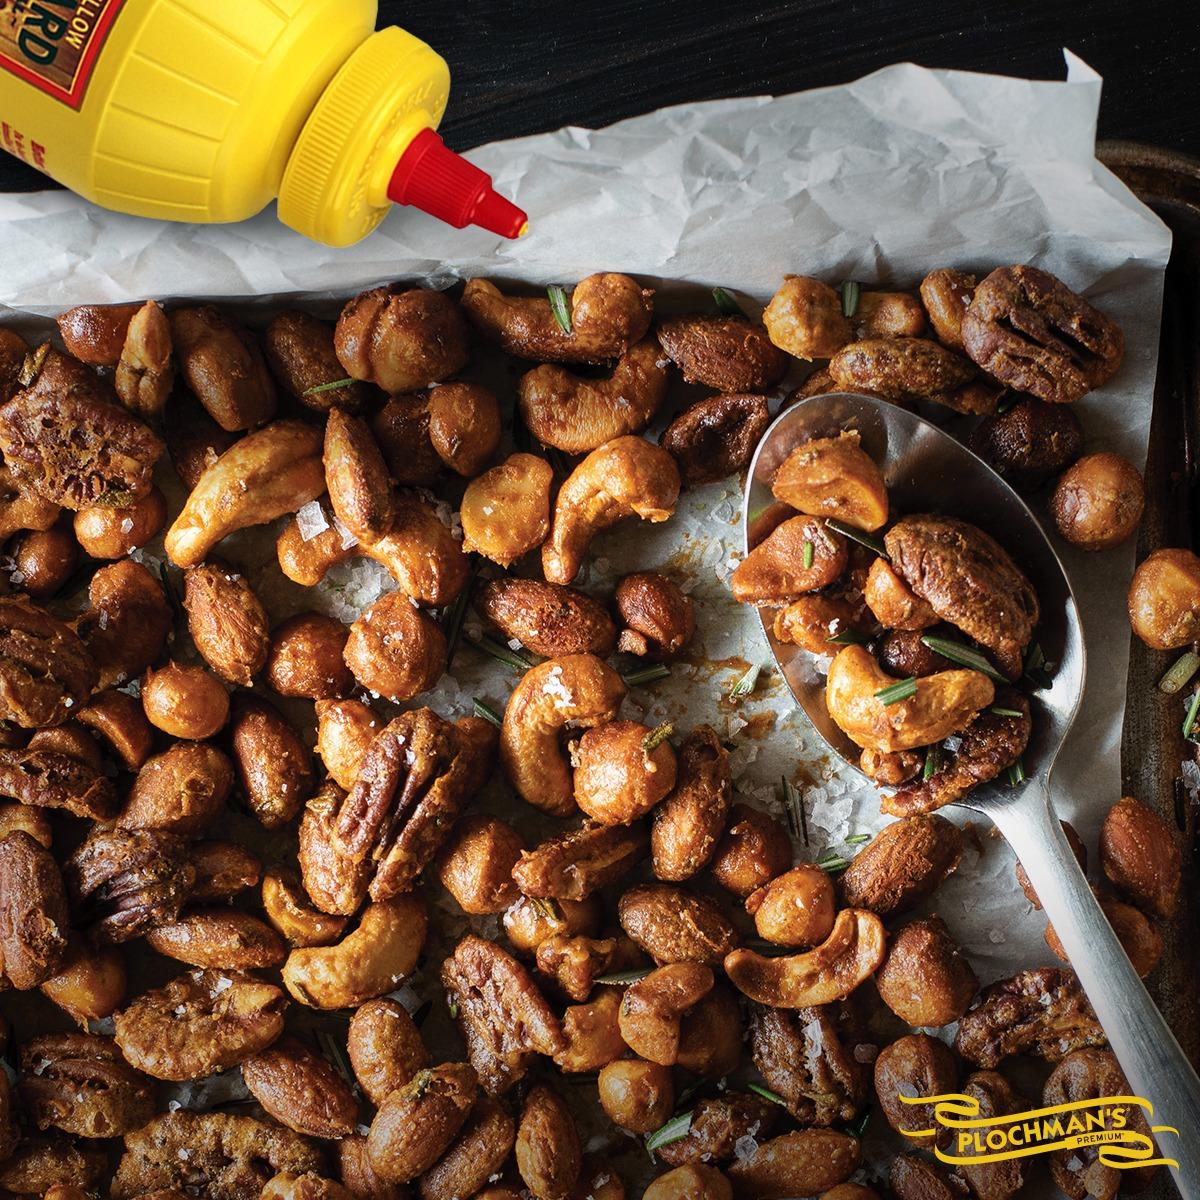 MUSTARD, SPICE & ROSEMARY MIXED NUTS